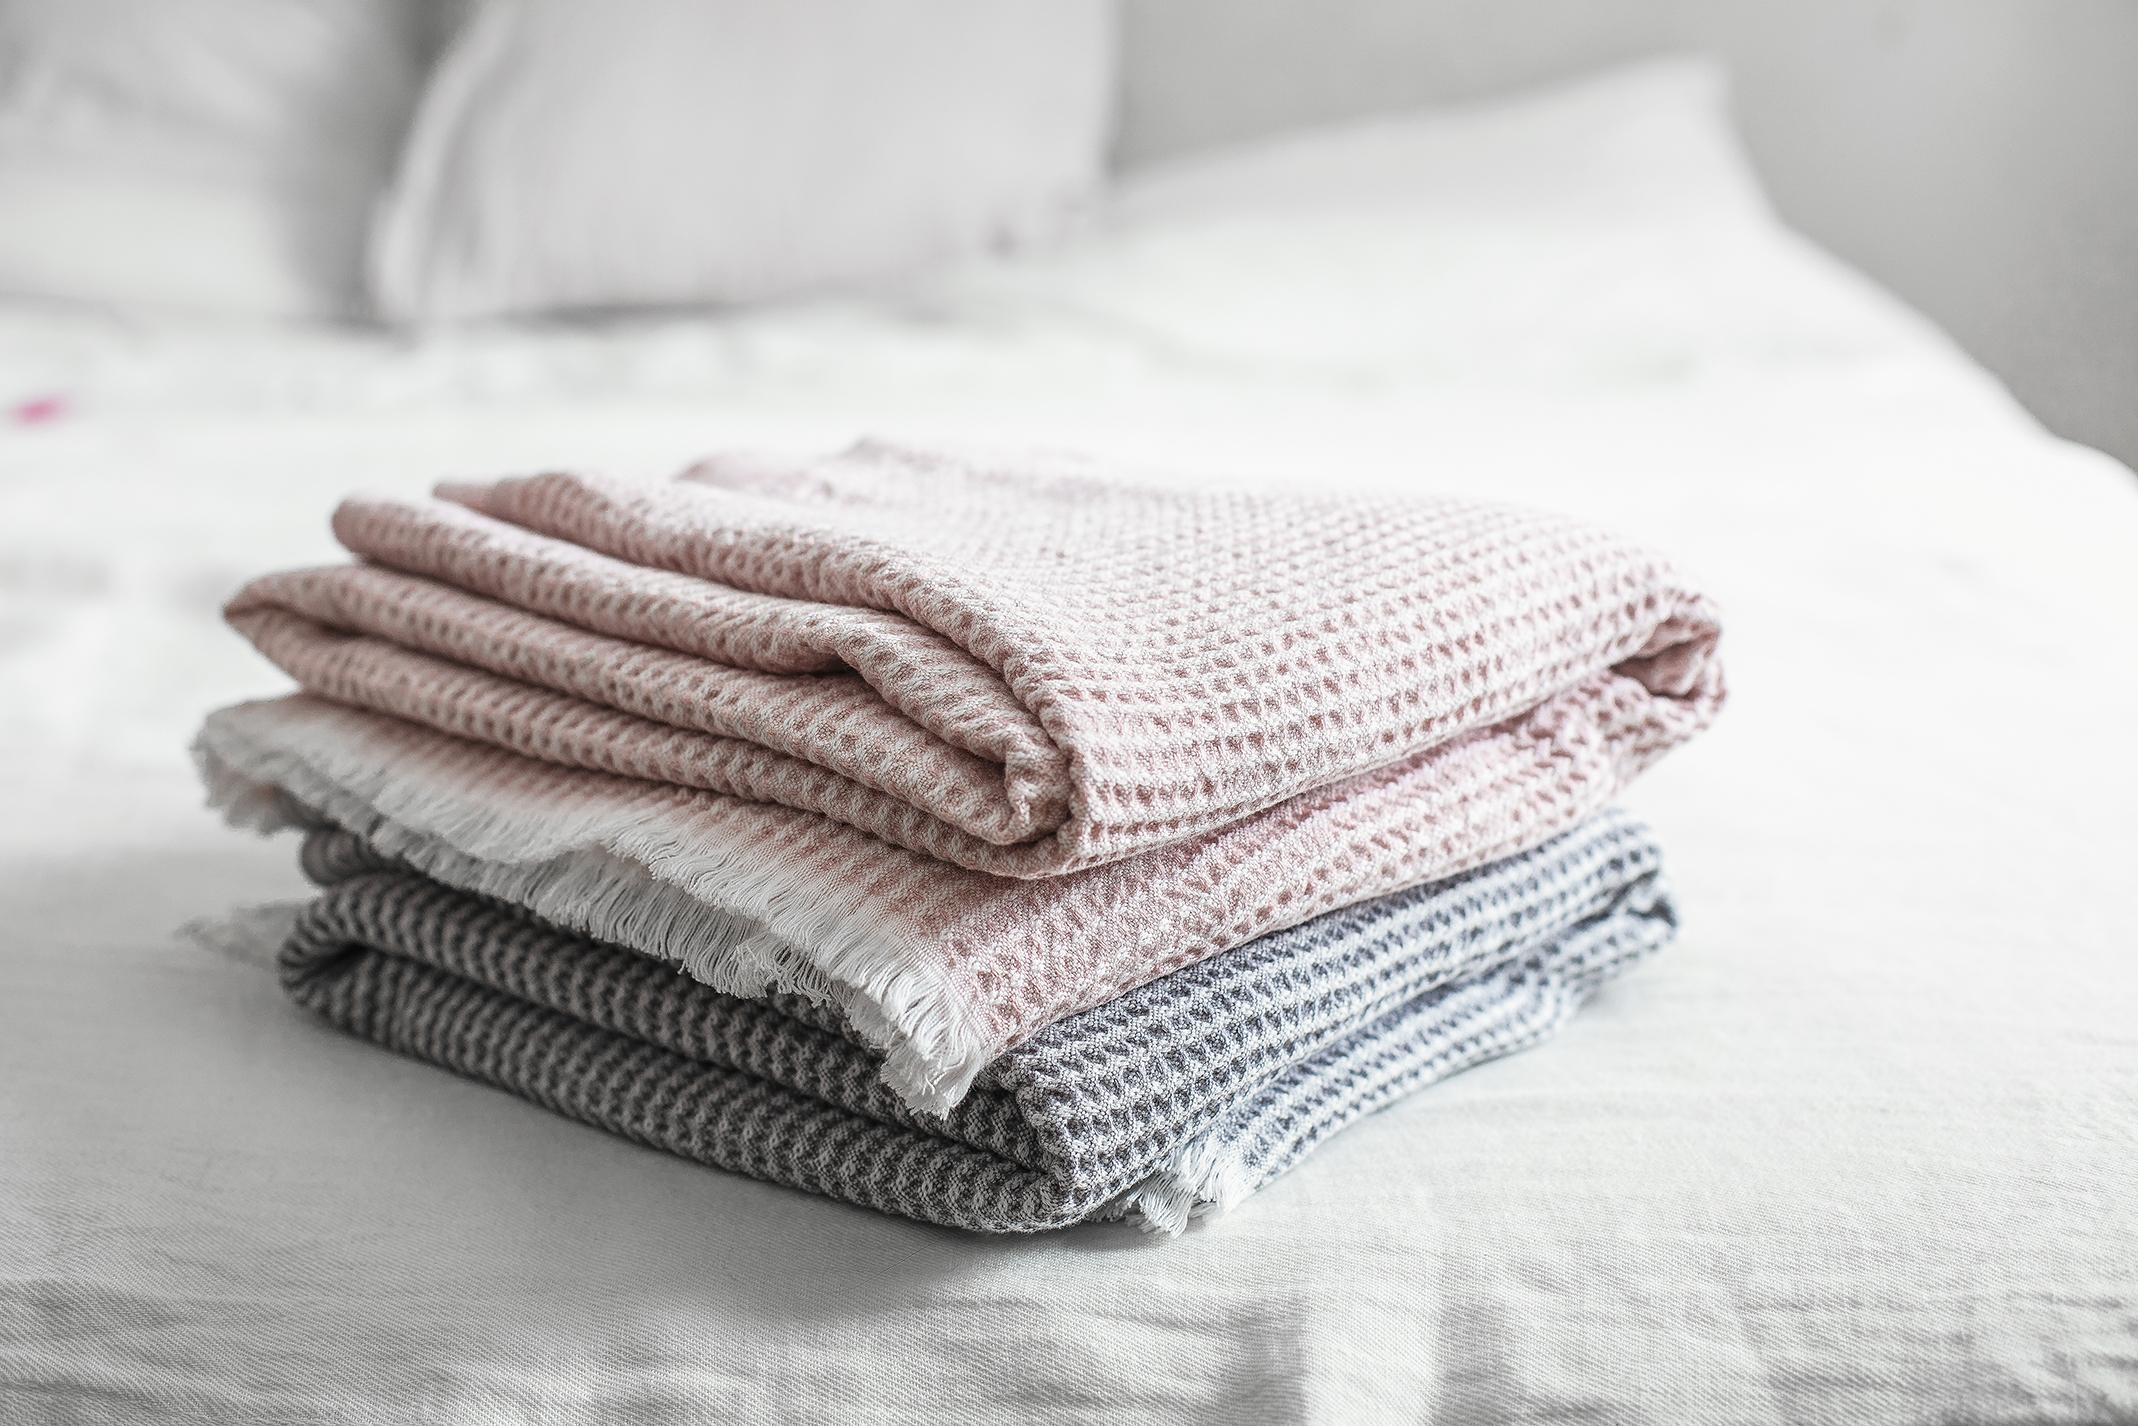 letni-textil-lapuan-kankurit14